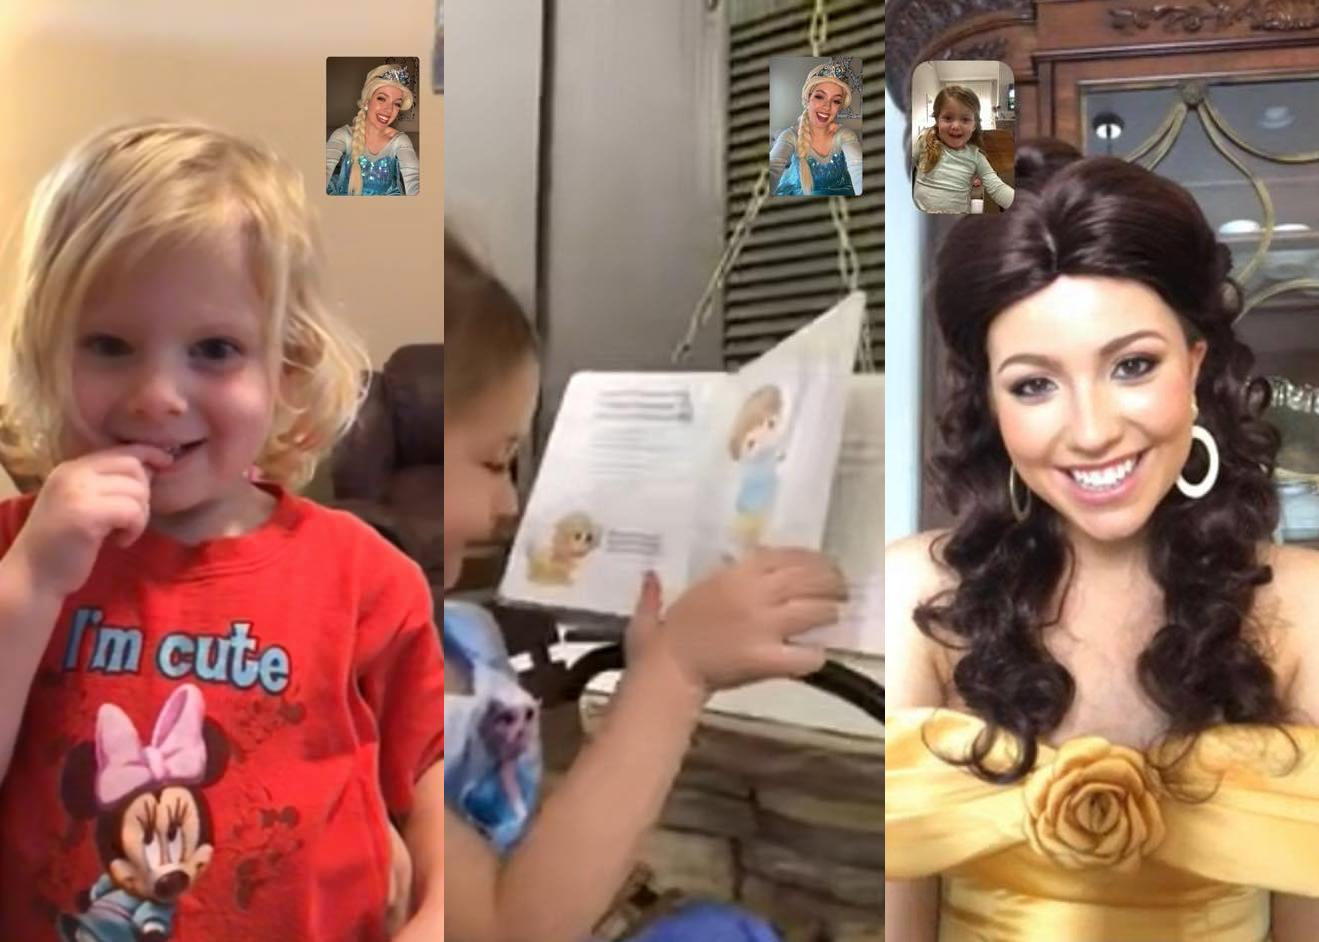 Trussville princesses offering video calls during coronavirus outbreak